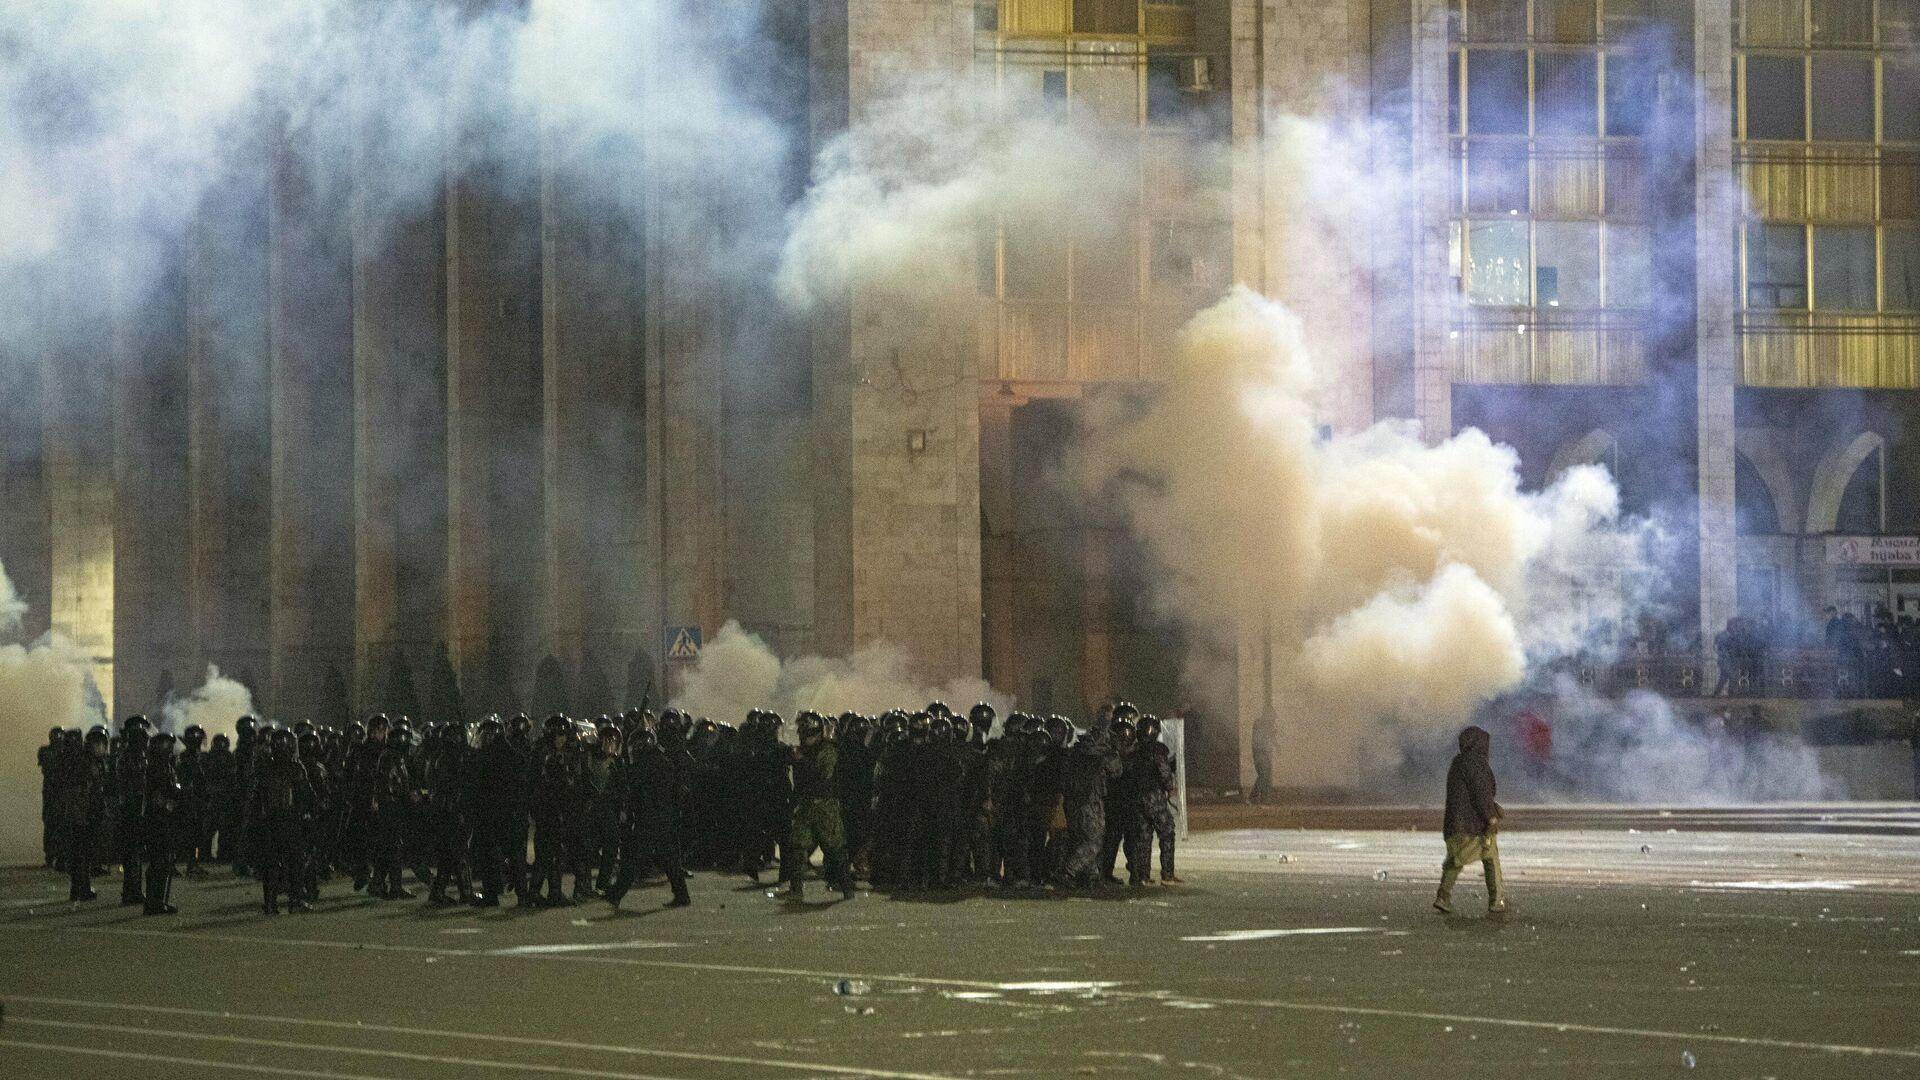 Сотрудники правоохранительных органов во время акции протеста в Бишкеке - РИА Новости, 1920, 07.10.2020